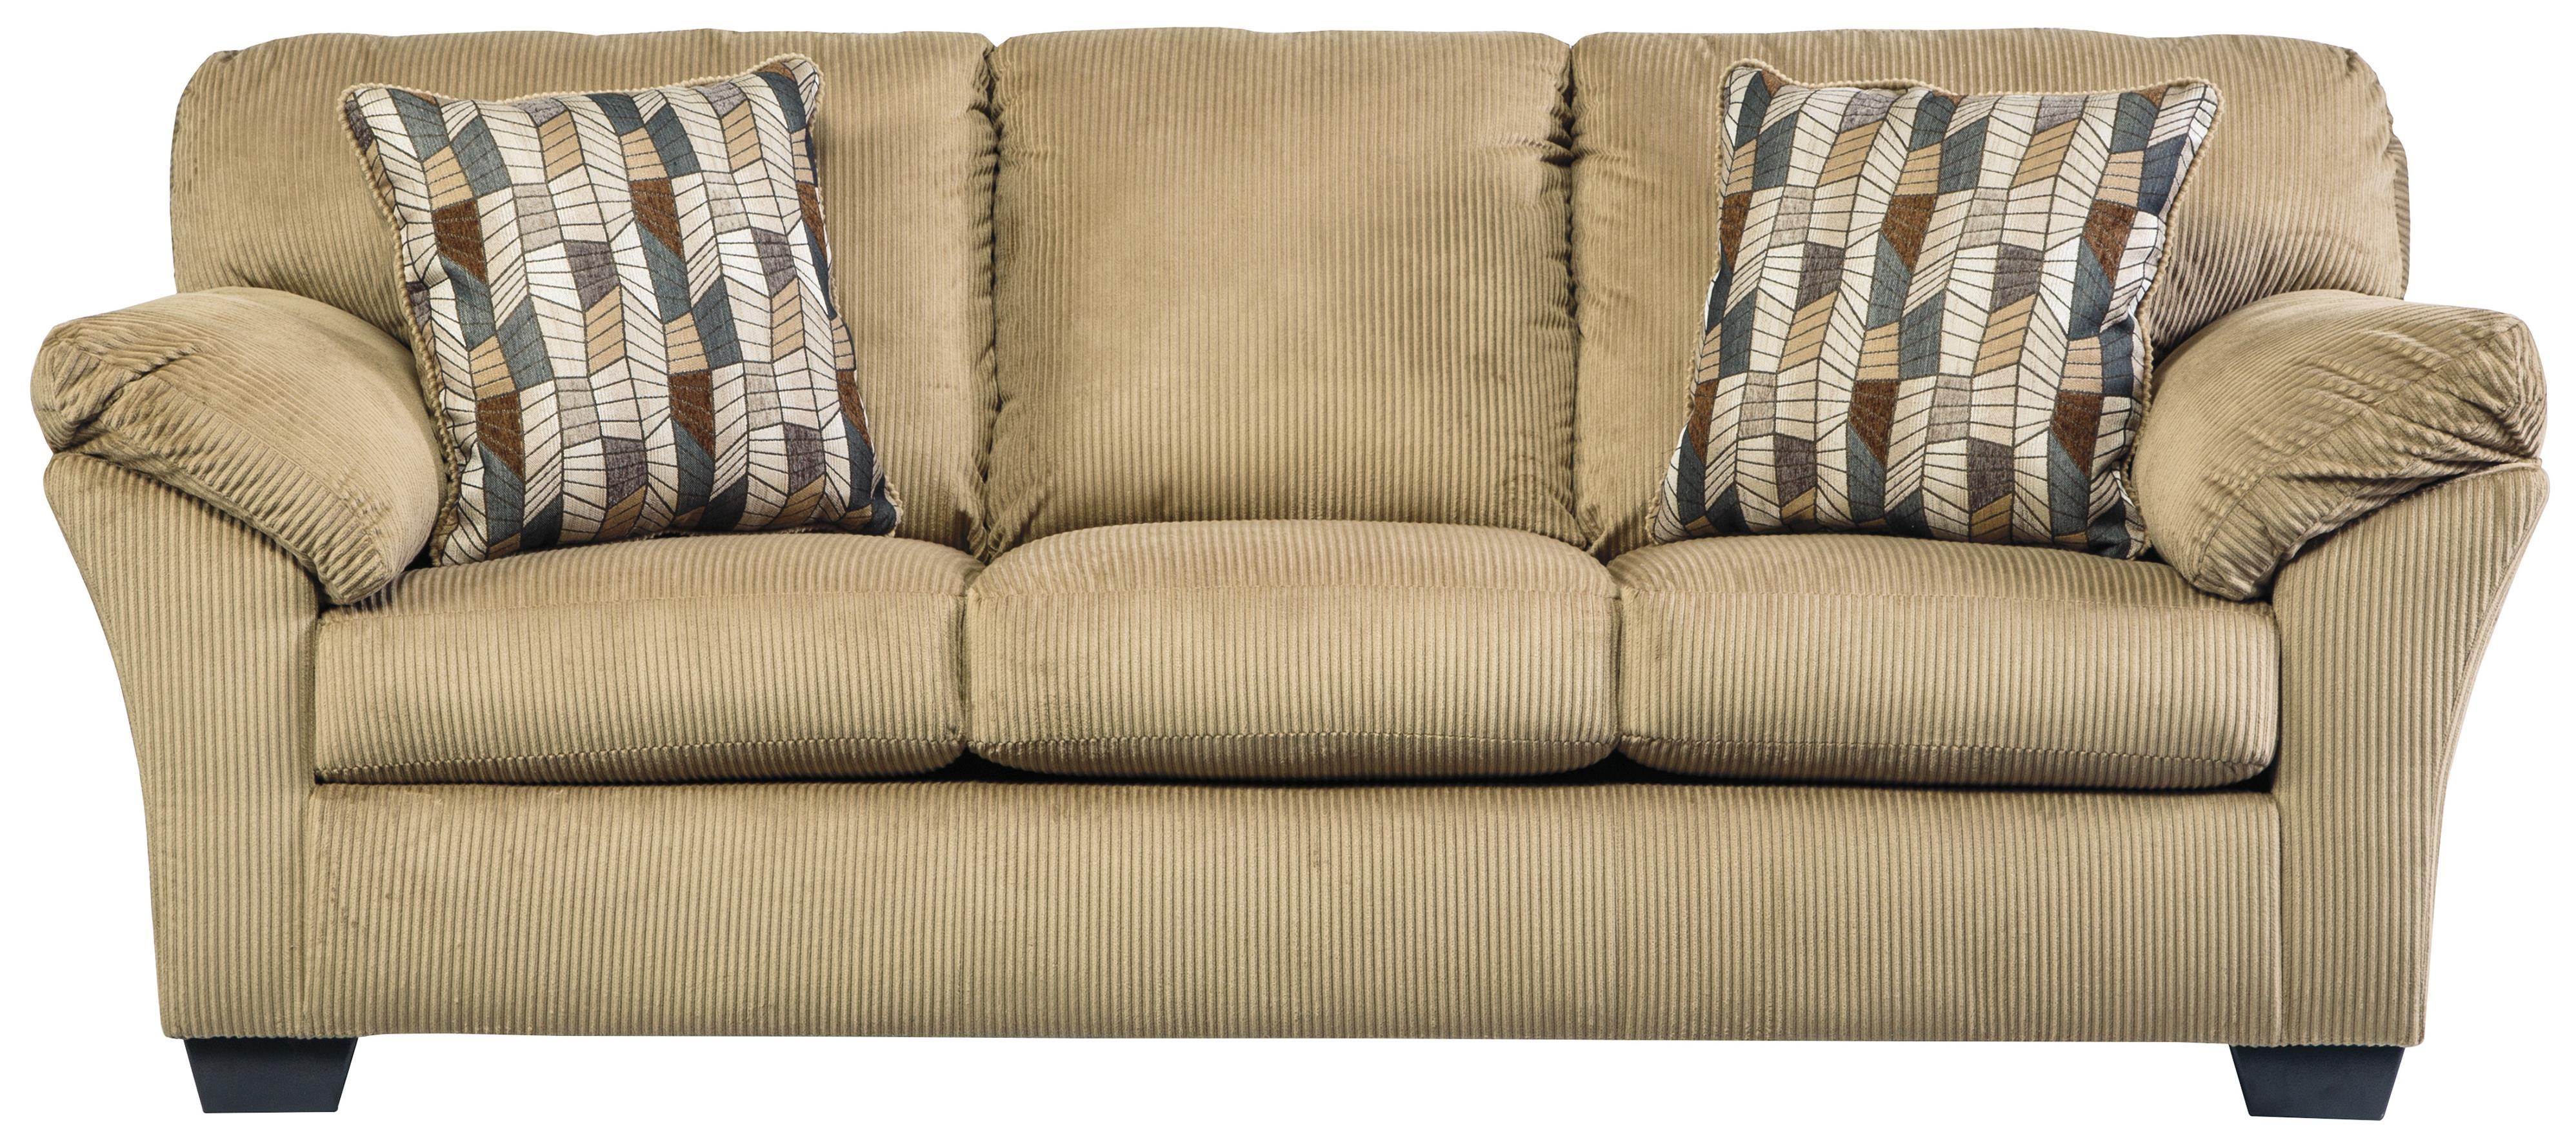 Benchcraft Aluria Sofa - Item Number: 1820138